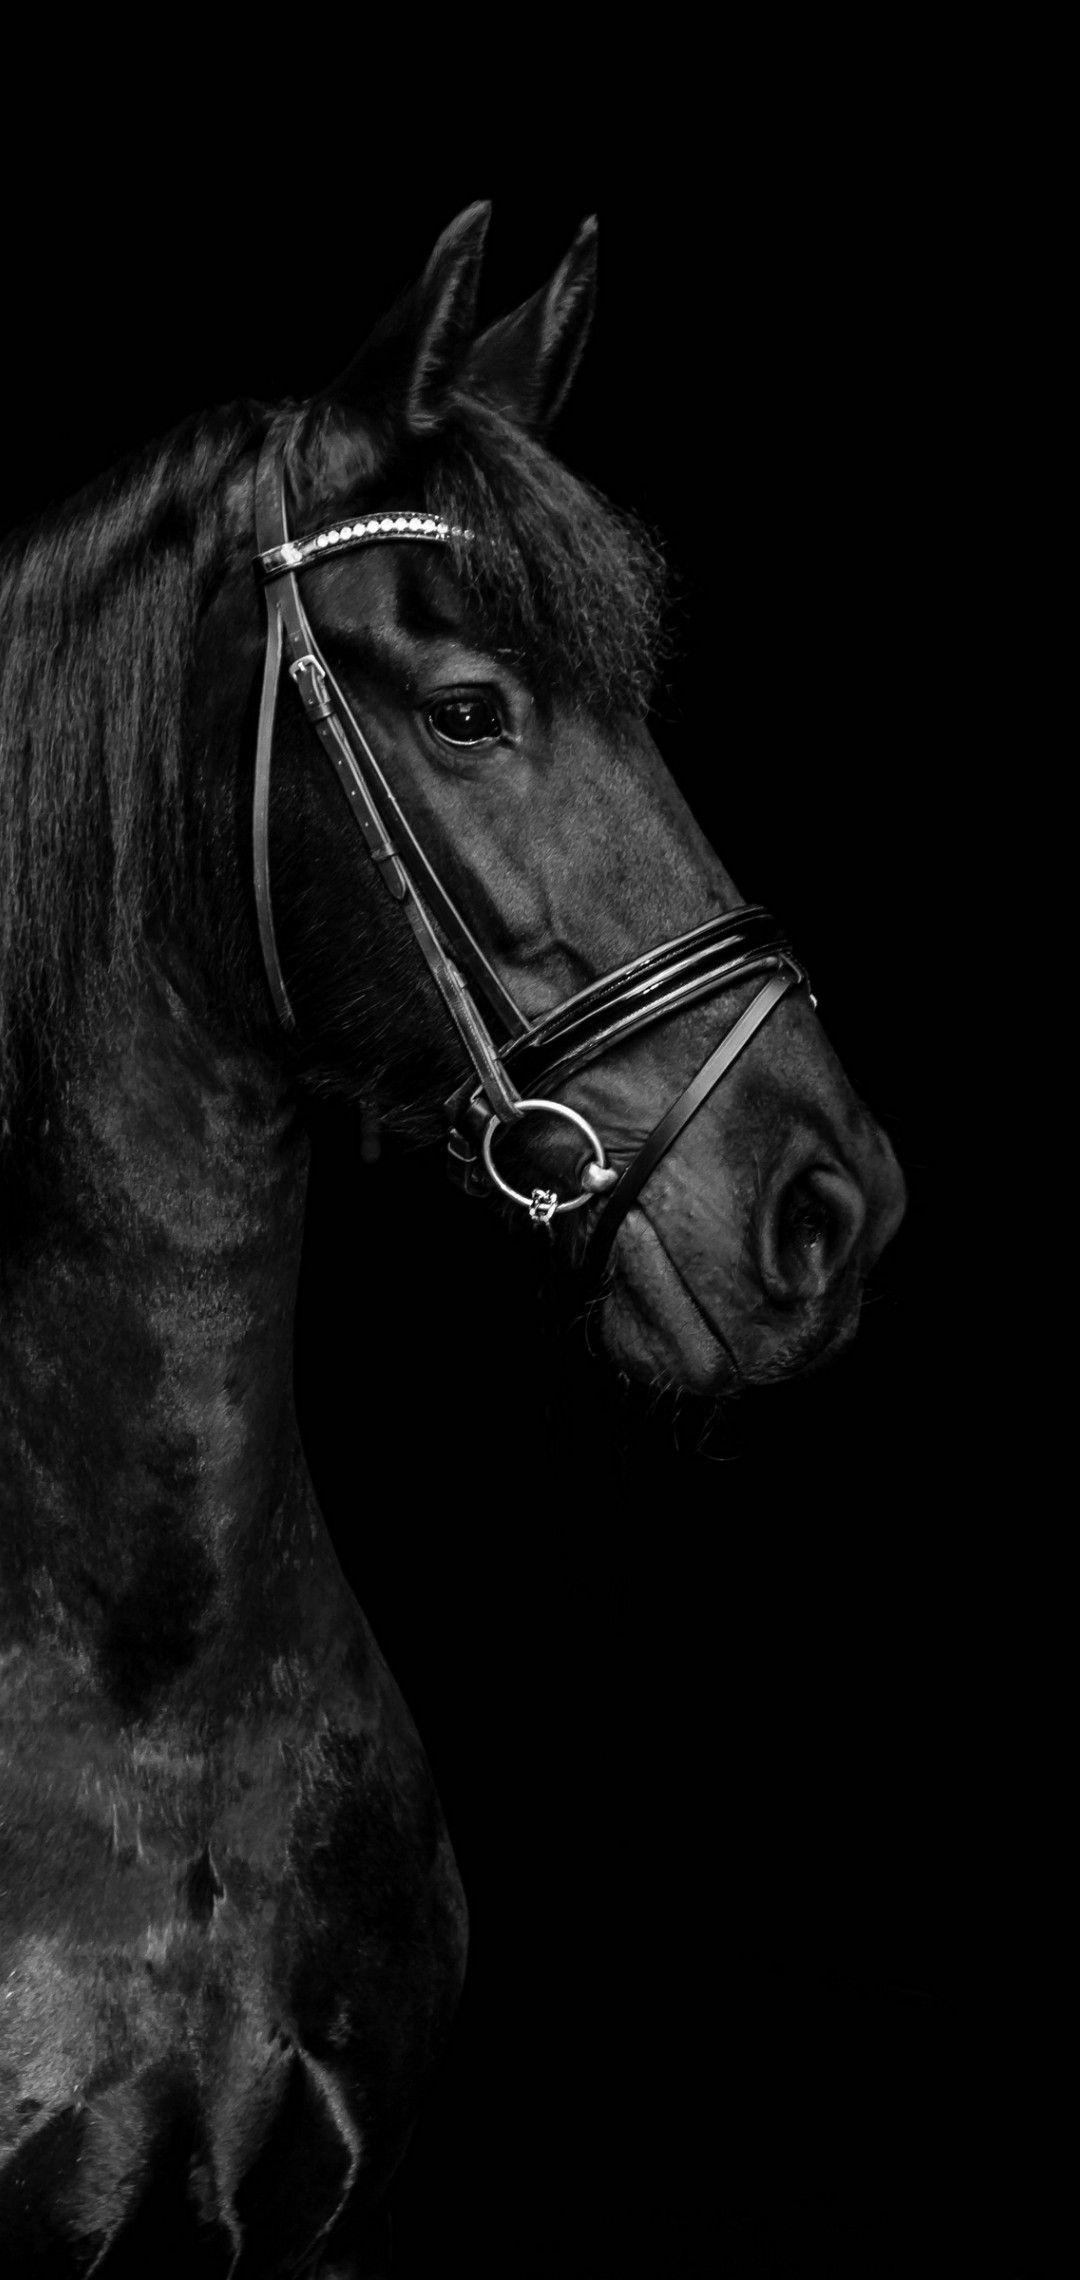 Black Horse Wallpaper Horses Horse Wallpaper Black Horse Wallpaper